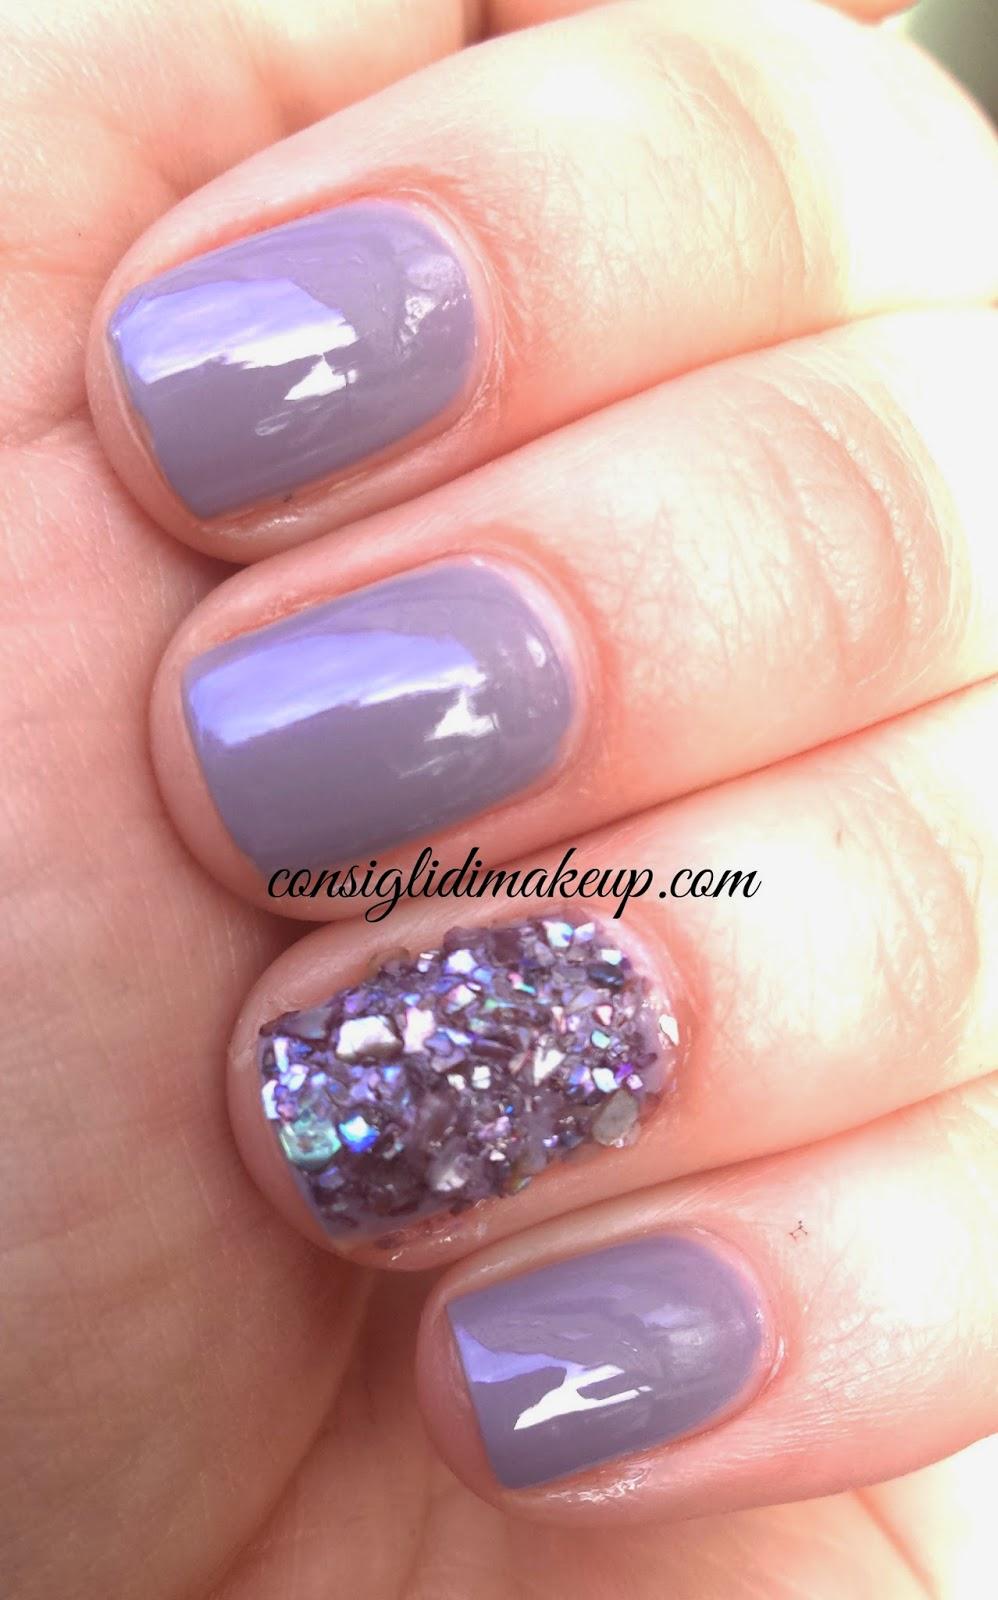 shell manicure